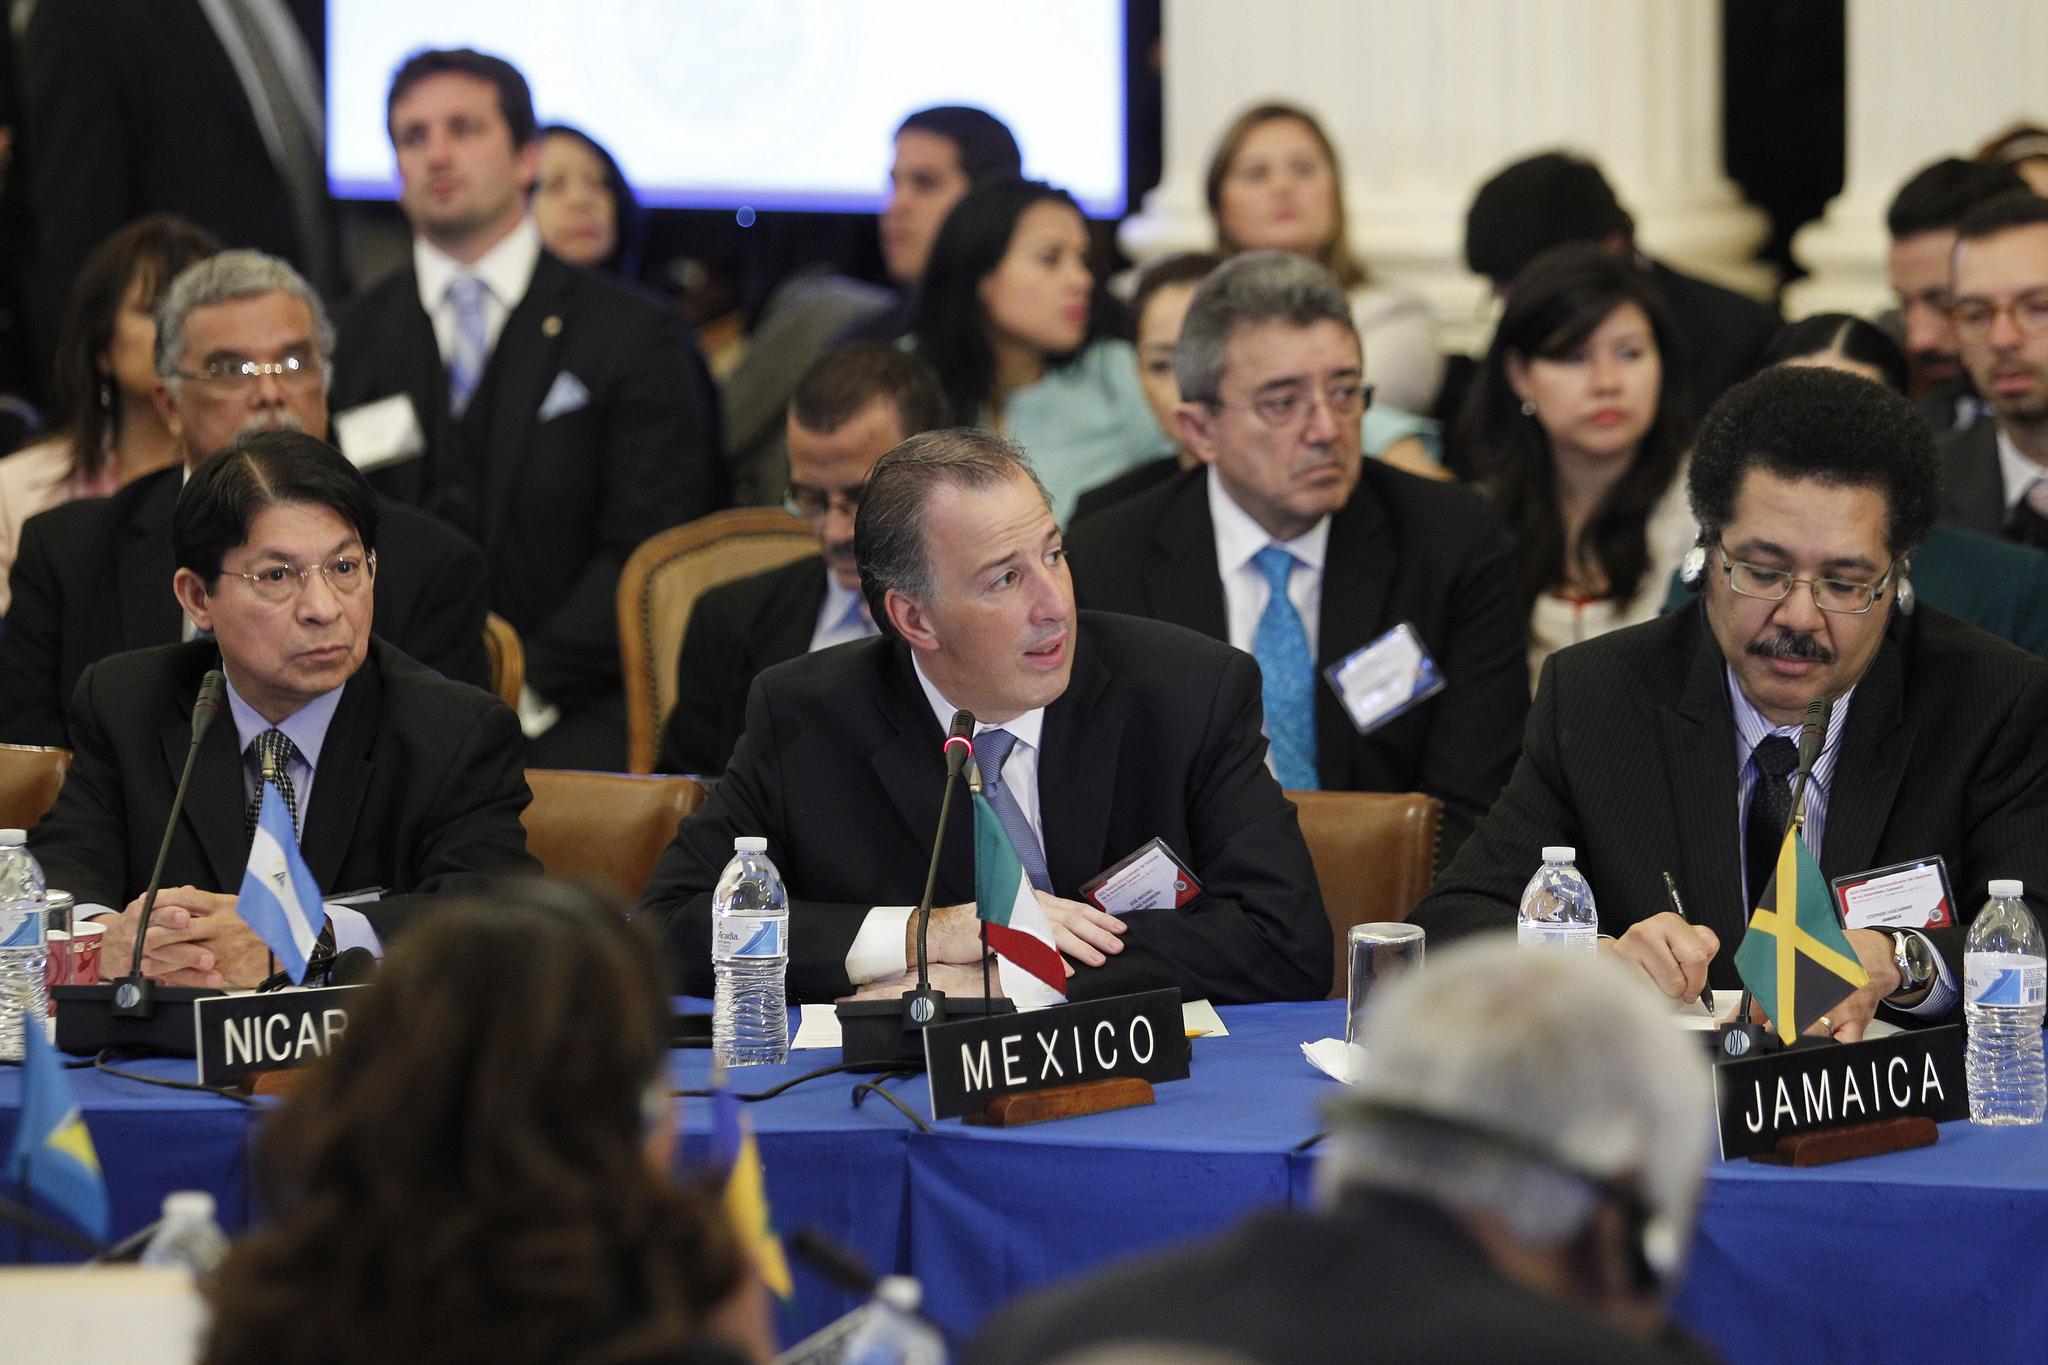 El canciller Meade participó en la elección del nuevo secretario general de la OEA